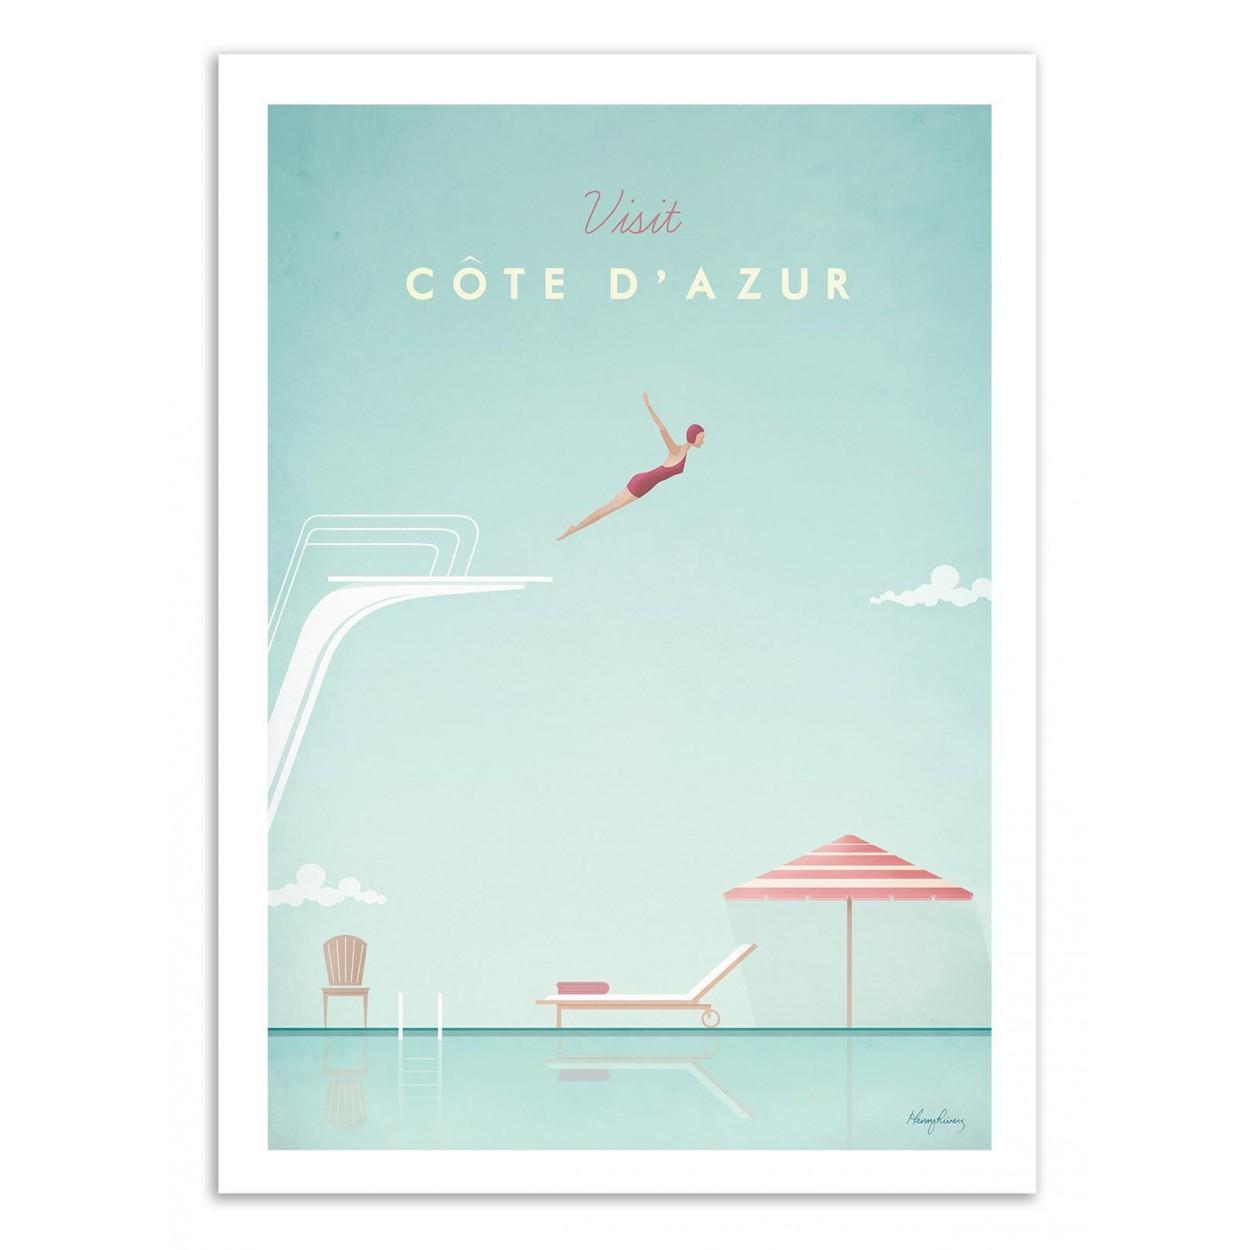 VISIT COTE D'AZUR -  Affiche d'art 50 x 70 cm